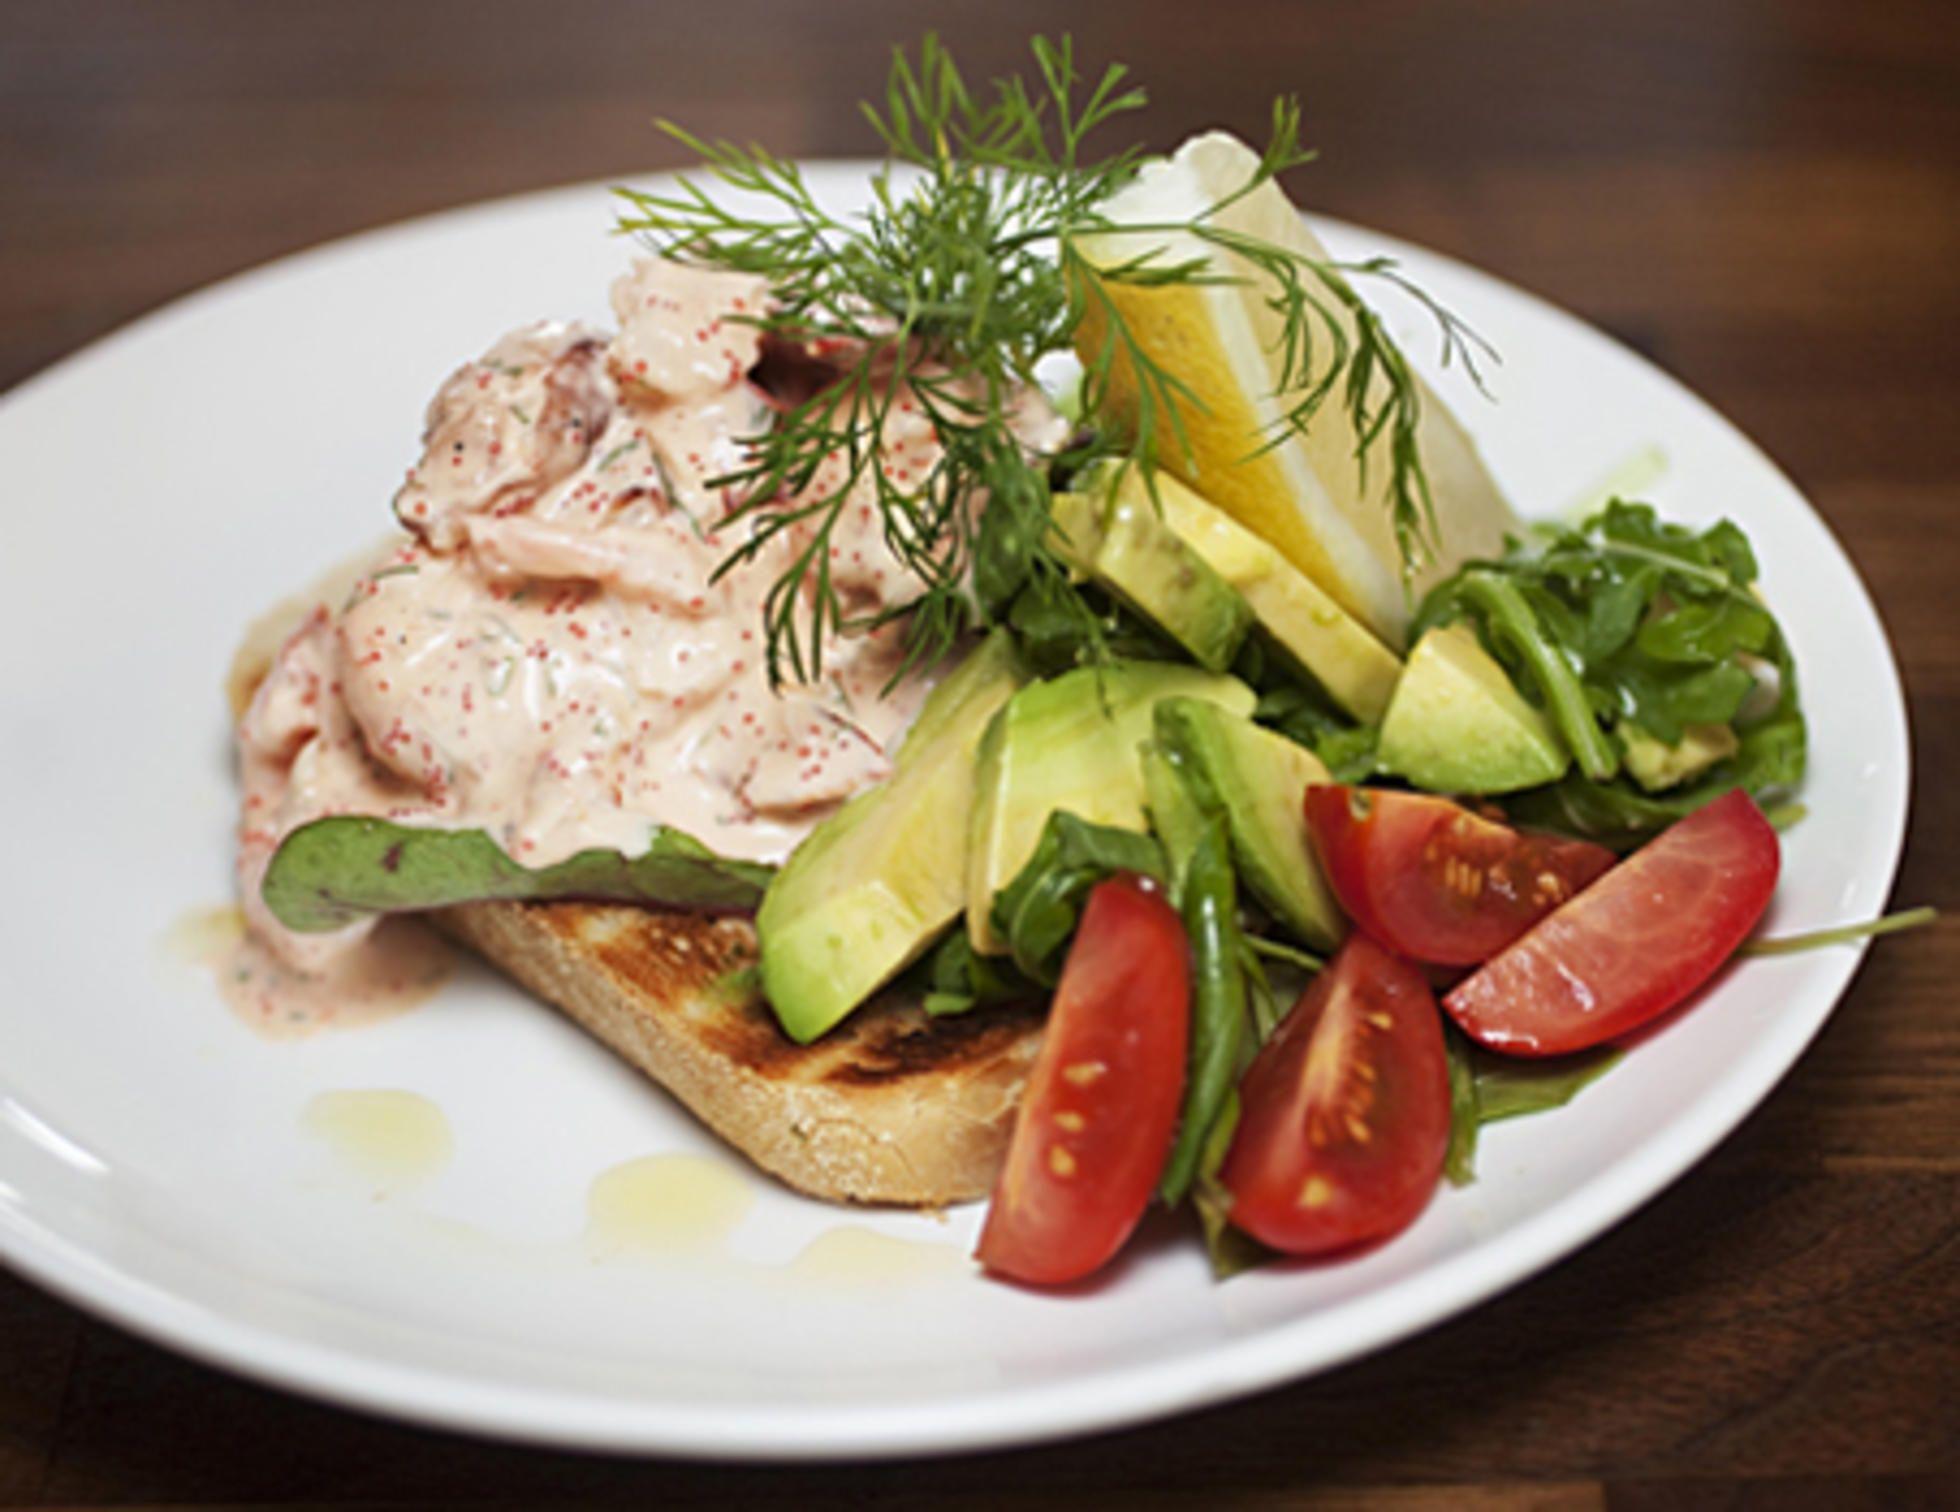 I lange danske frokoster er smørrebrød tingen. Da er det vanskelig å komme unna Skagen-toast.Kilde: Adresseavisen. Foto: Mari Vold